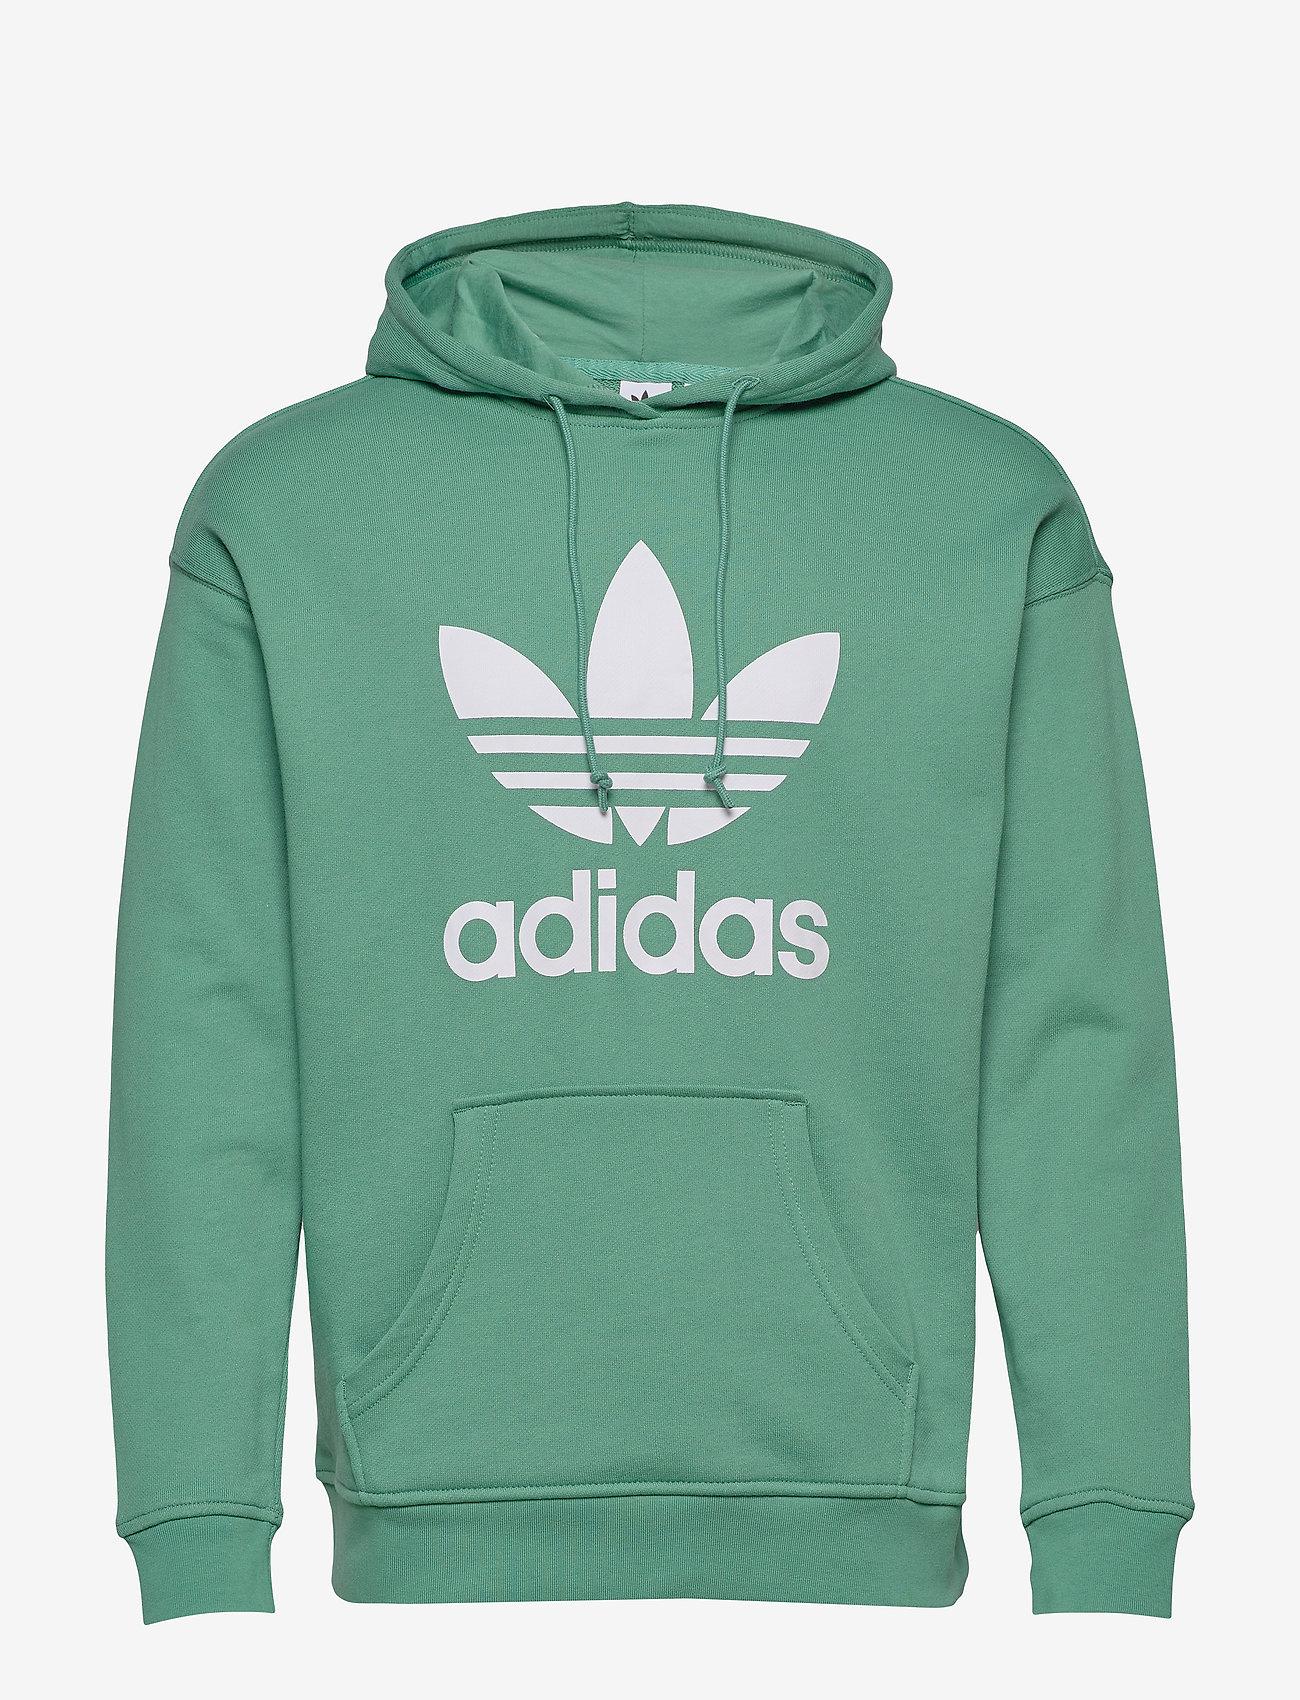 Trf Hoodie (Futhyd/white) - adidas Originals cr1YS8